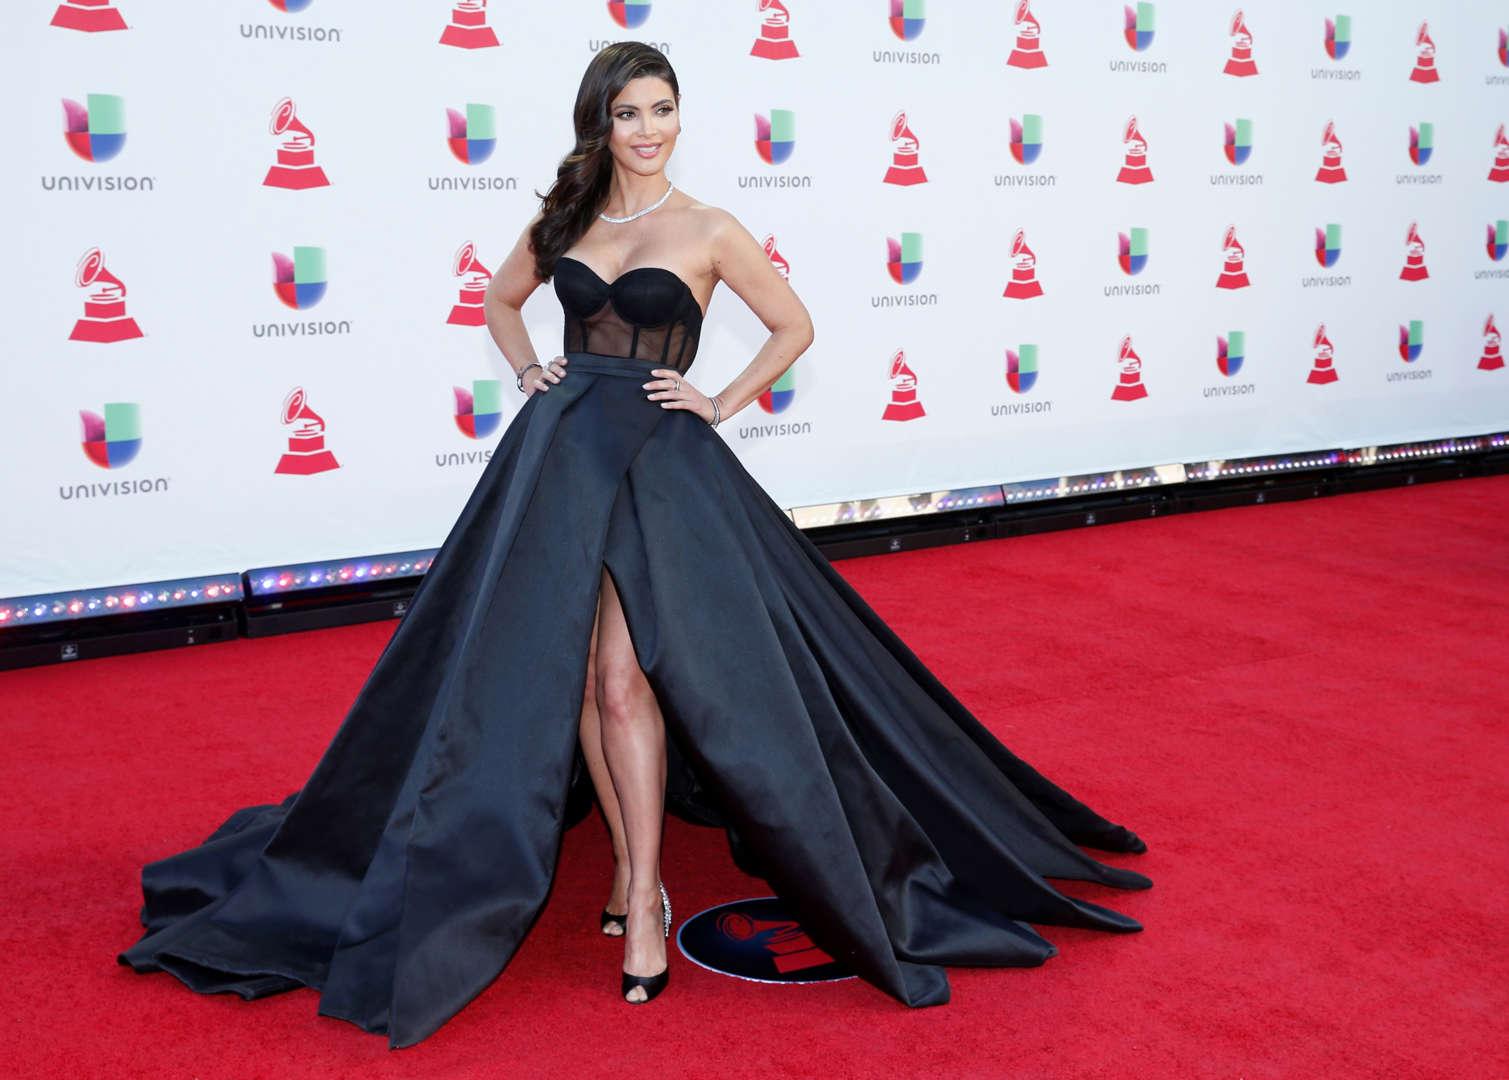 35436824a Los looks de los famosos en la alfombra roja de los Latin Grammy